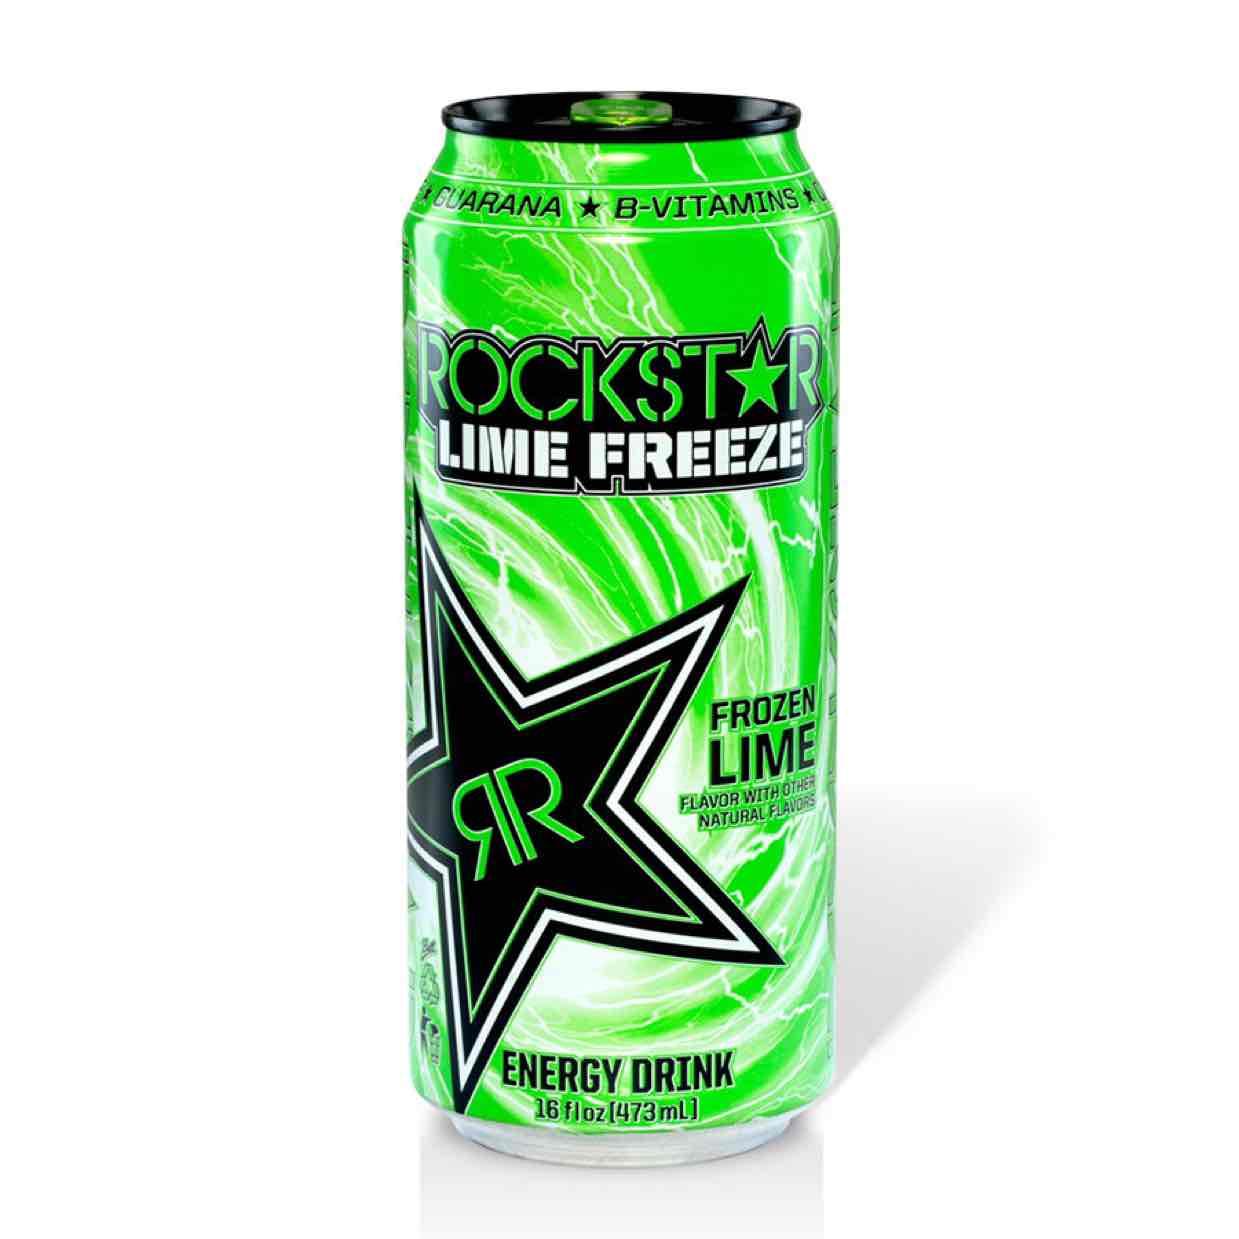 Rockstar Free Lime bei H&P Siebengewald NL - Grenze Kleve/Goch